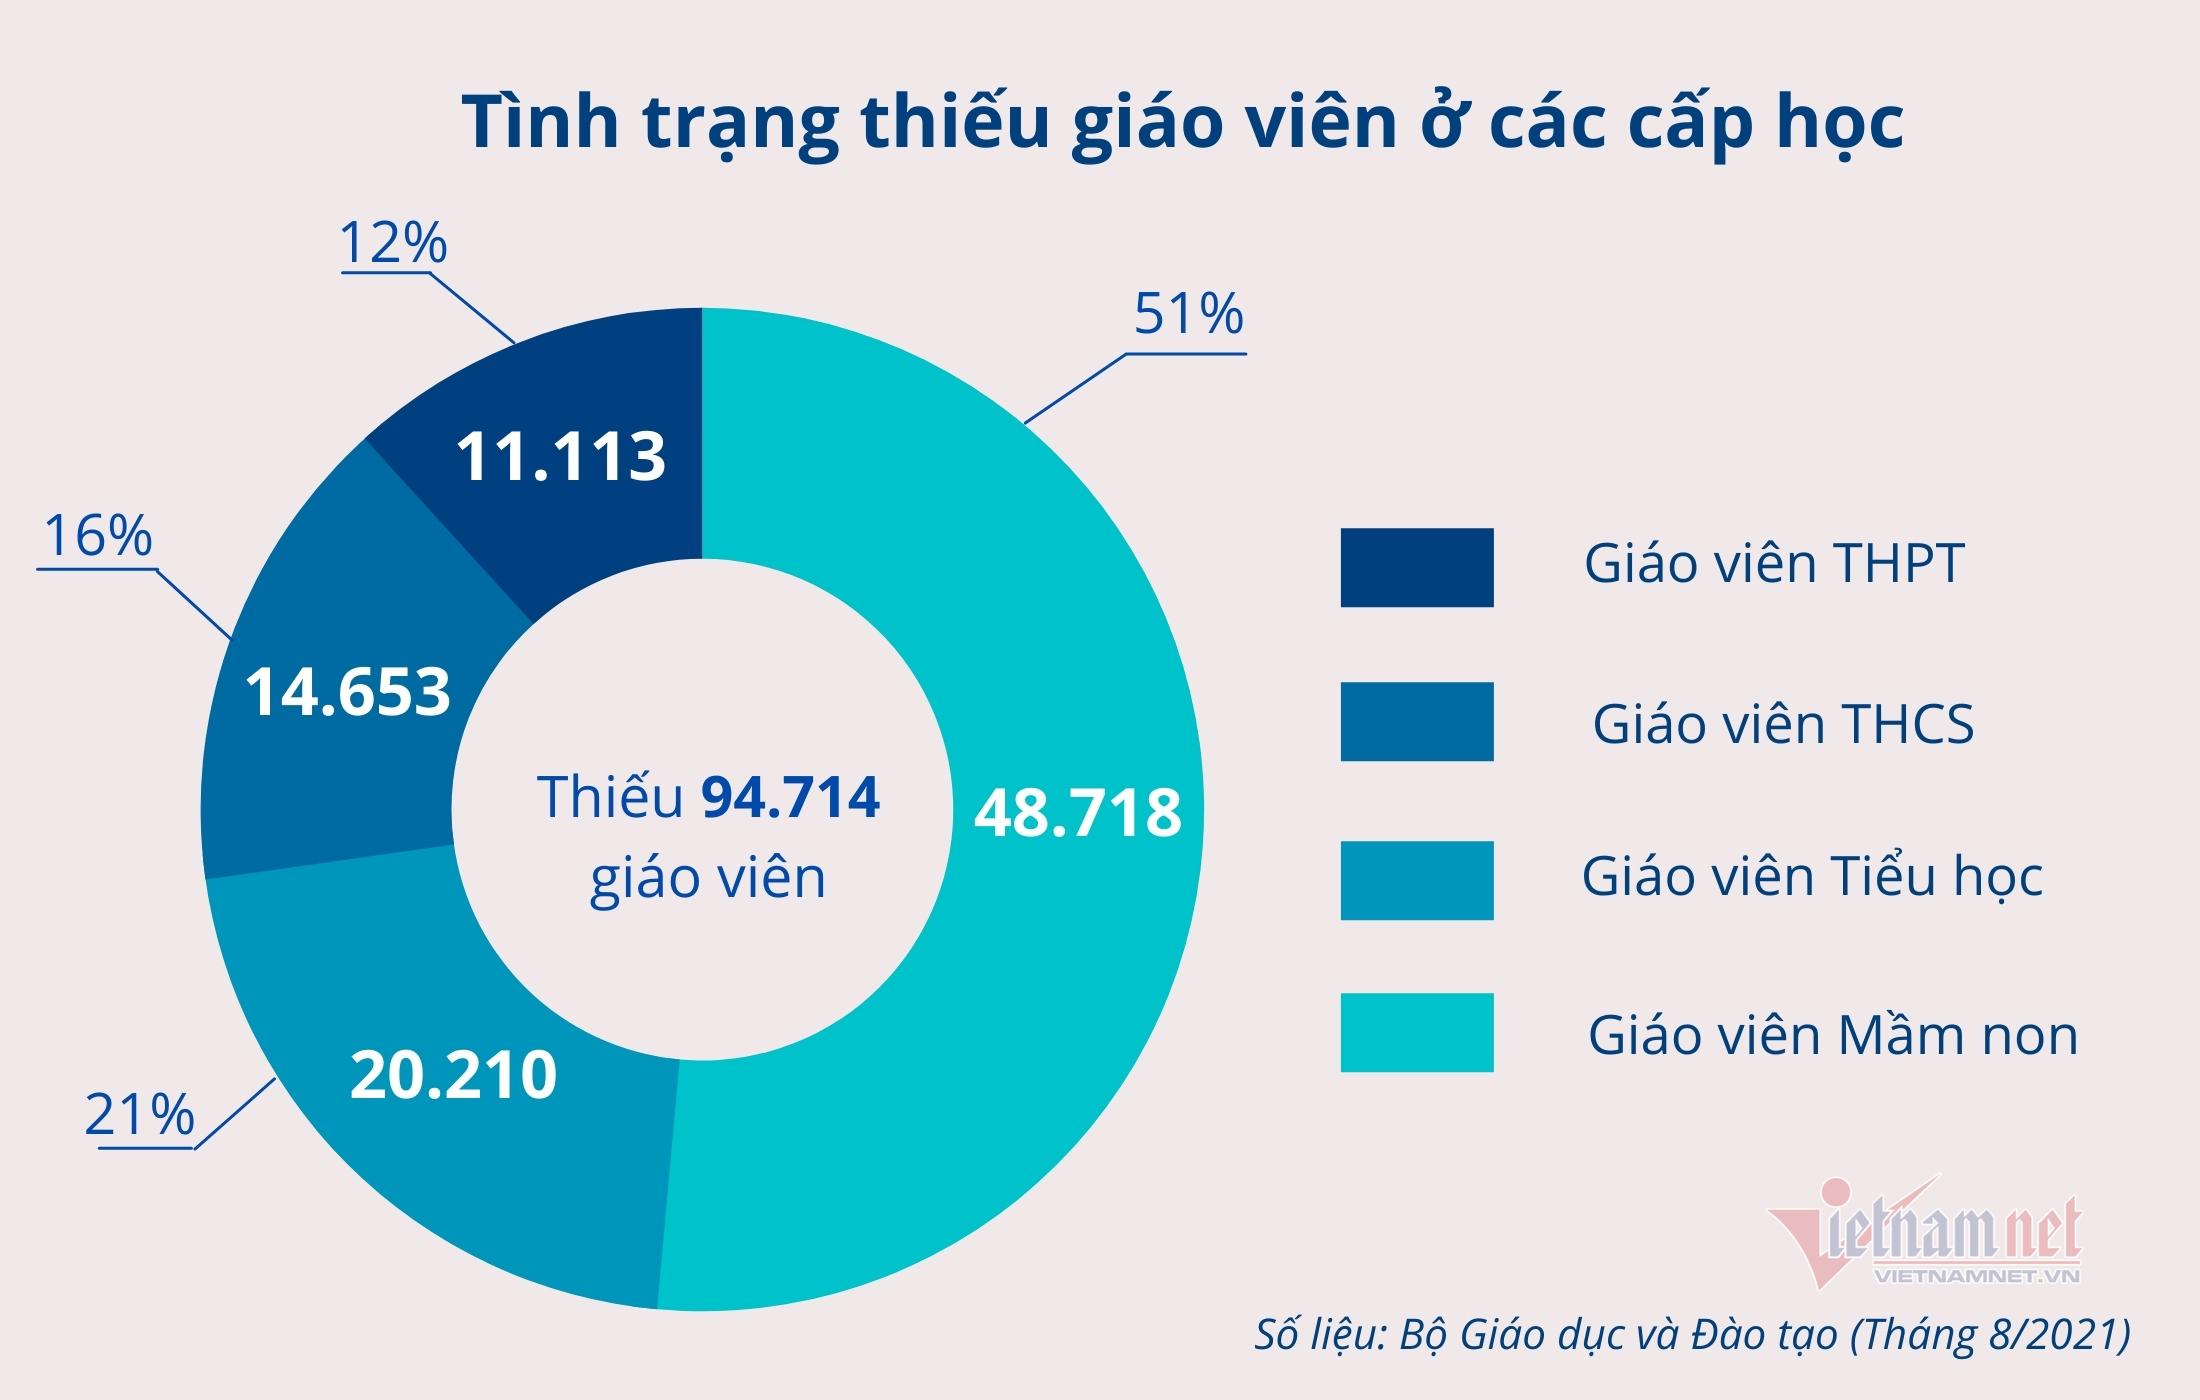 Bộ Giáo dục đề xuất bổ sung gần 95.000 biên chế giáo viên